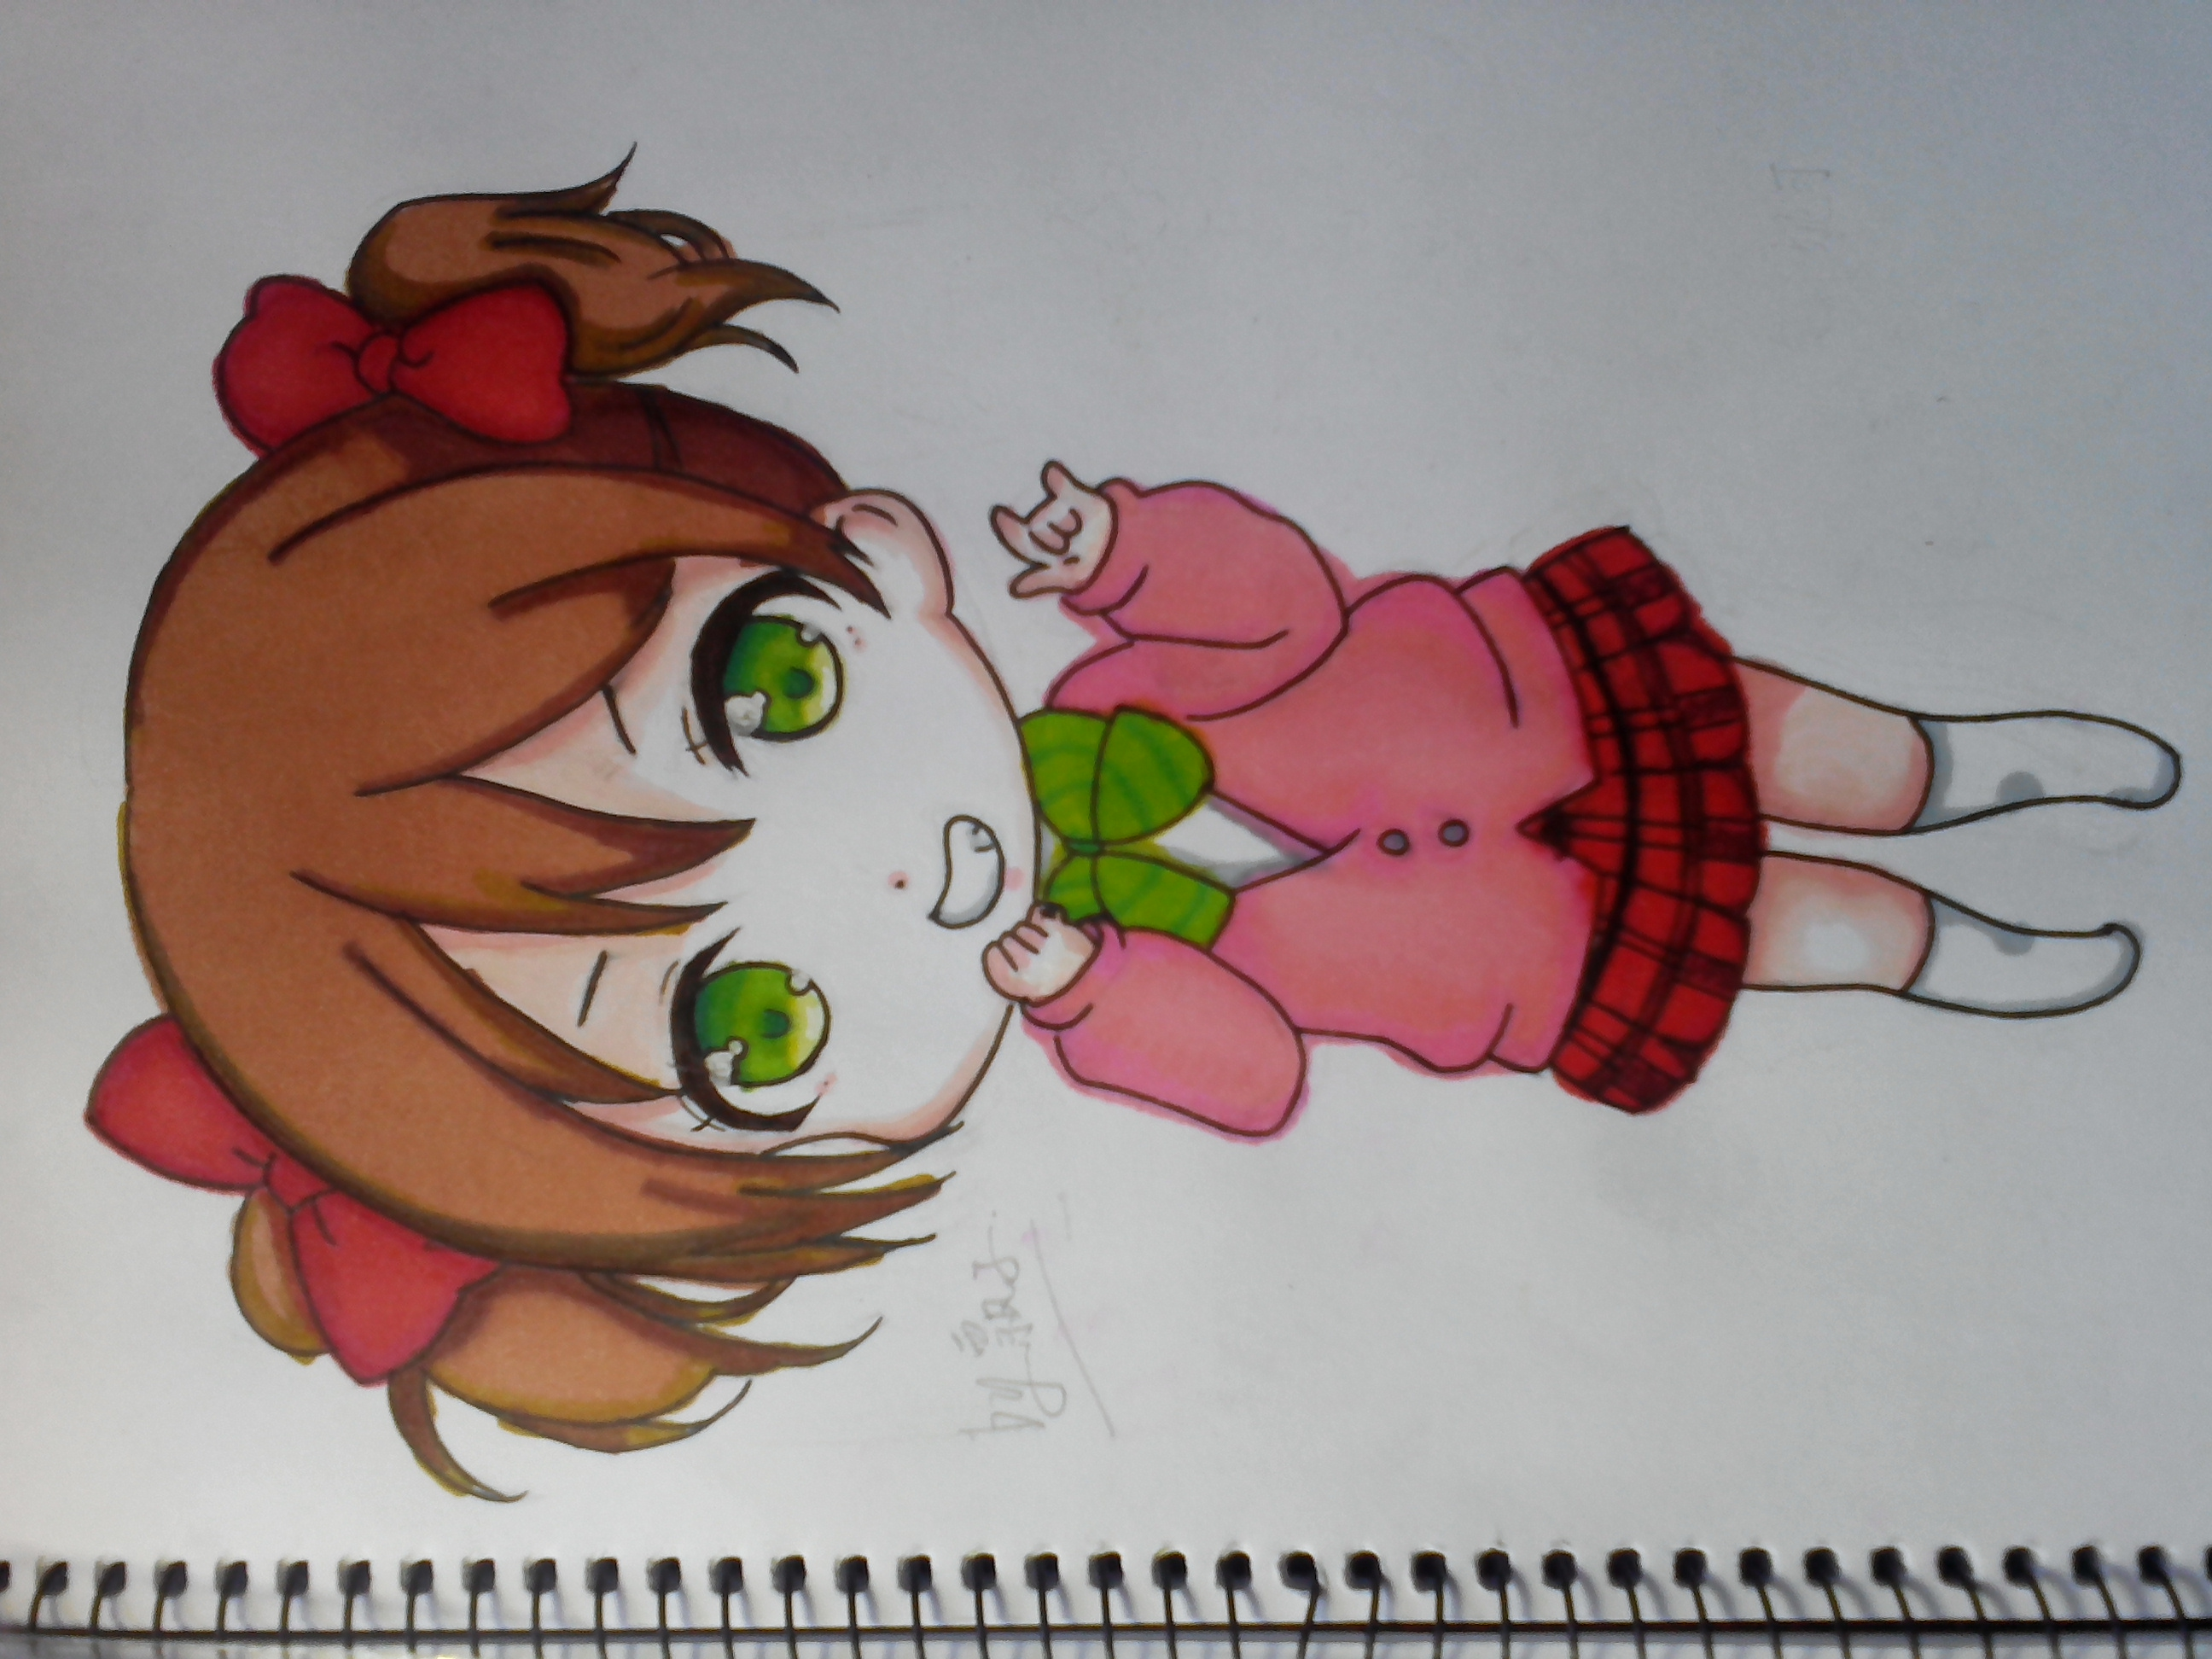 【飘子】最近画的马克笔手绘图,不定时更新√